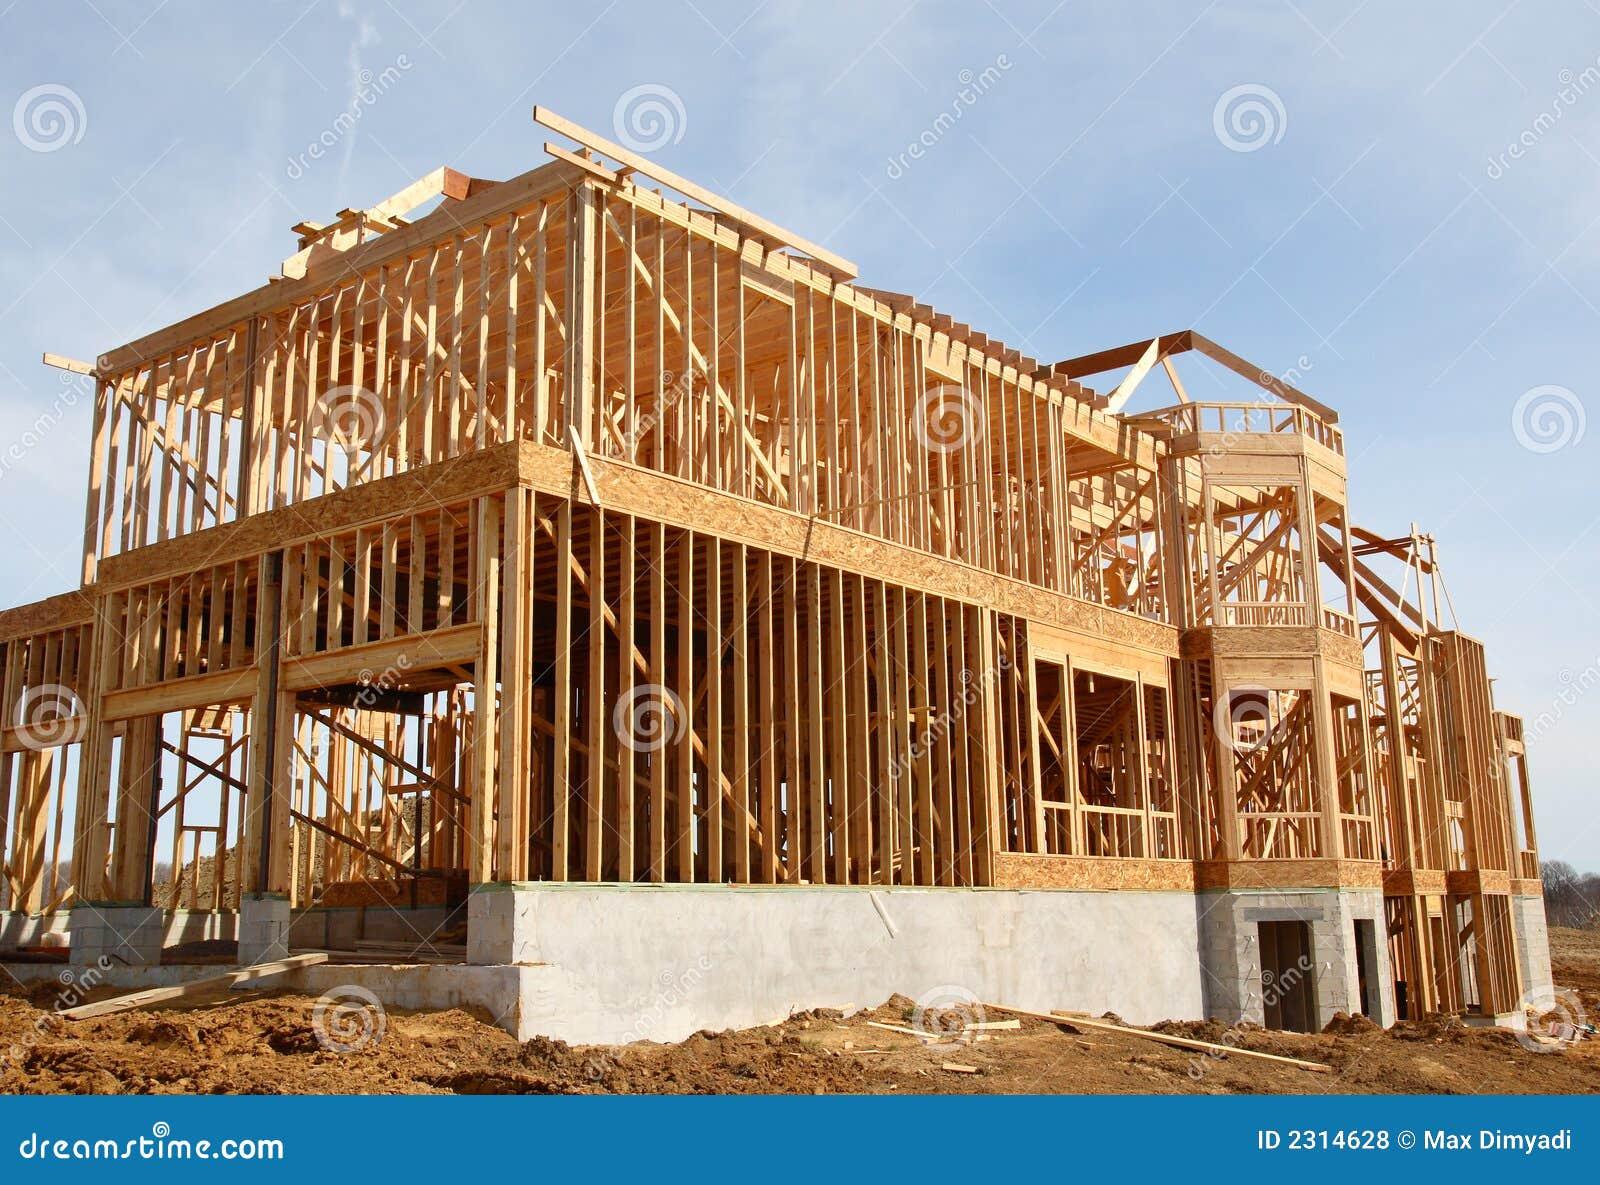 De bouw van de garage van de auto van het huis royalty vrije stock foto 39 s afbeelding 2314628 for De ingang van het huis